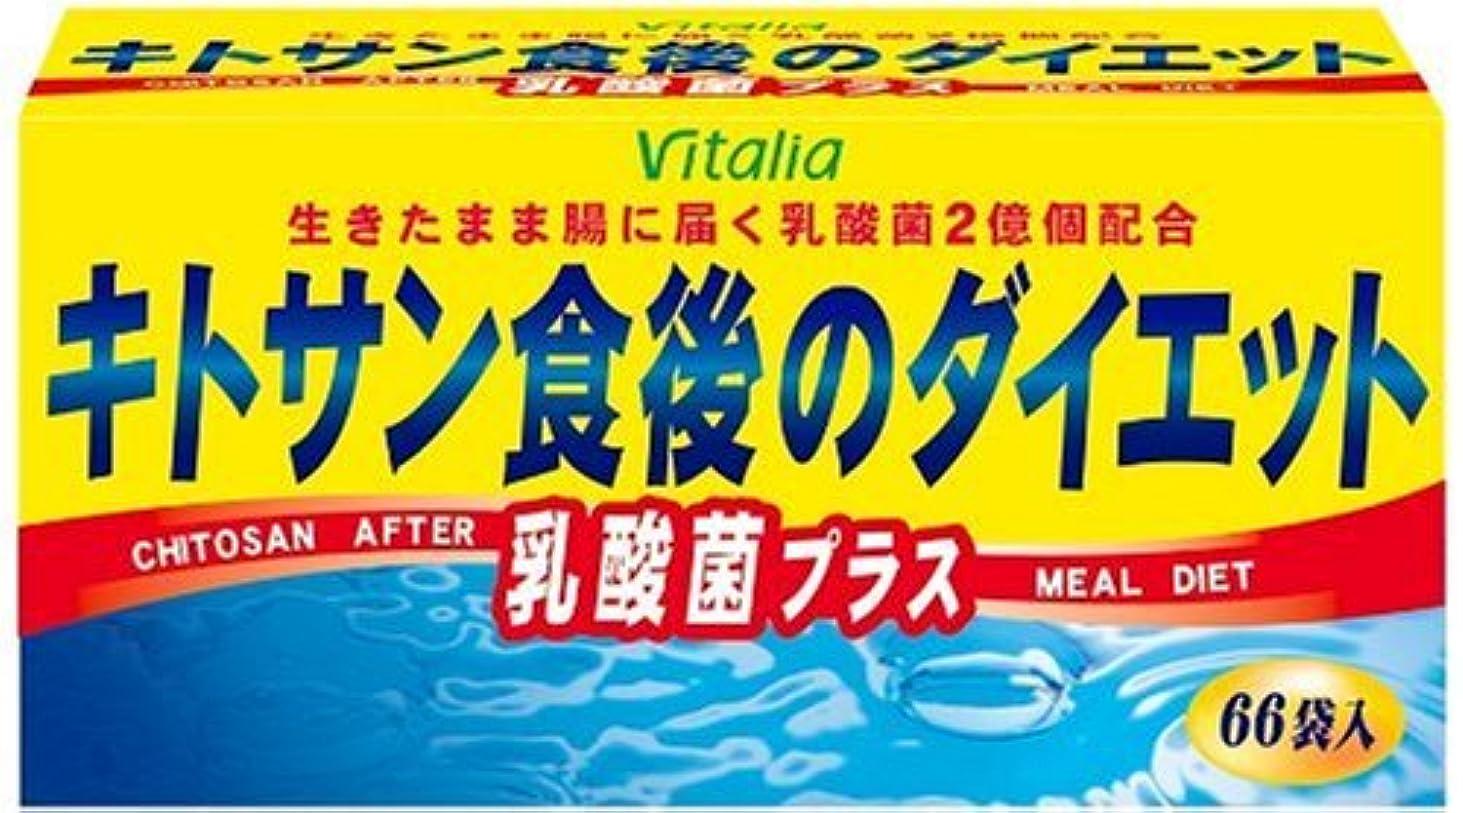 スクランブル保存する欲しいですビタリア製薬 キトサン食後のダイエット乳酸菌プラス 66袋